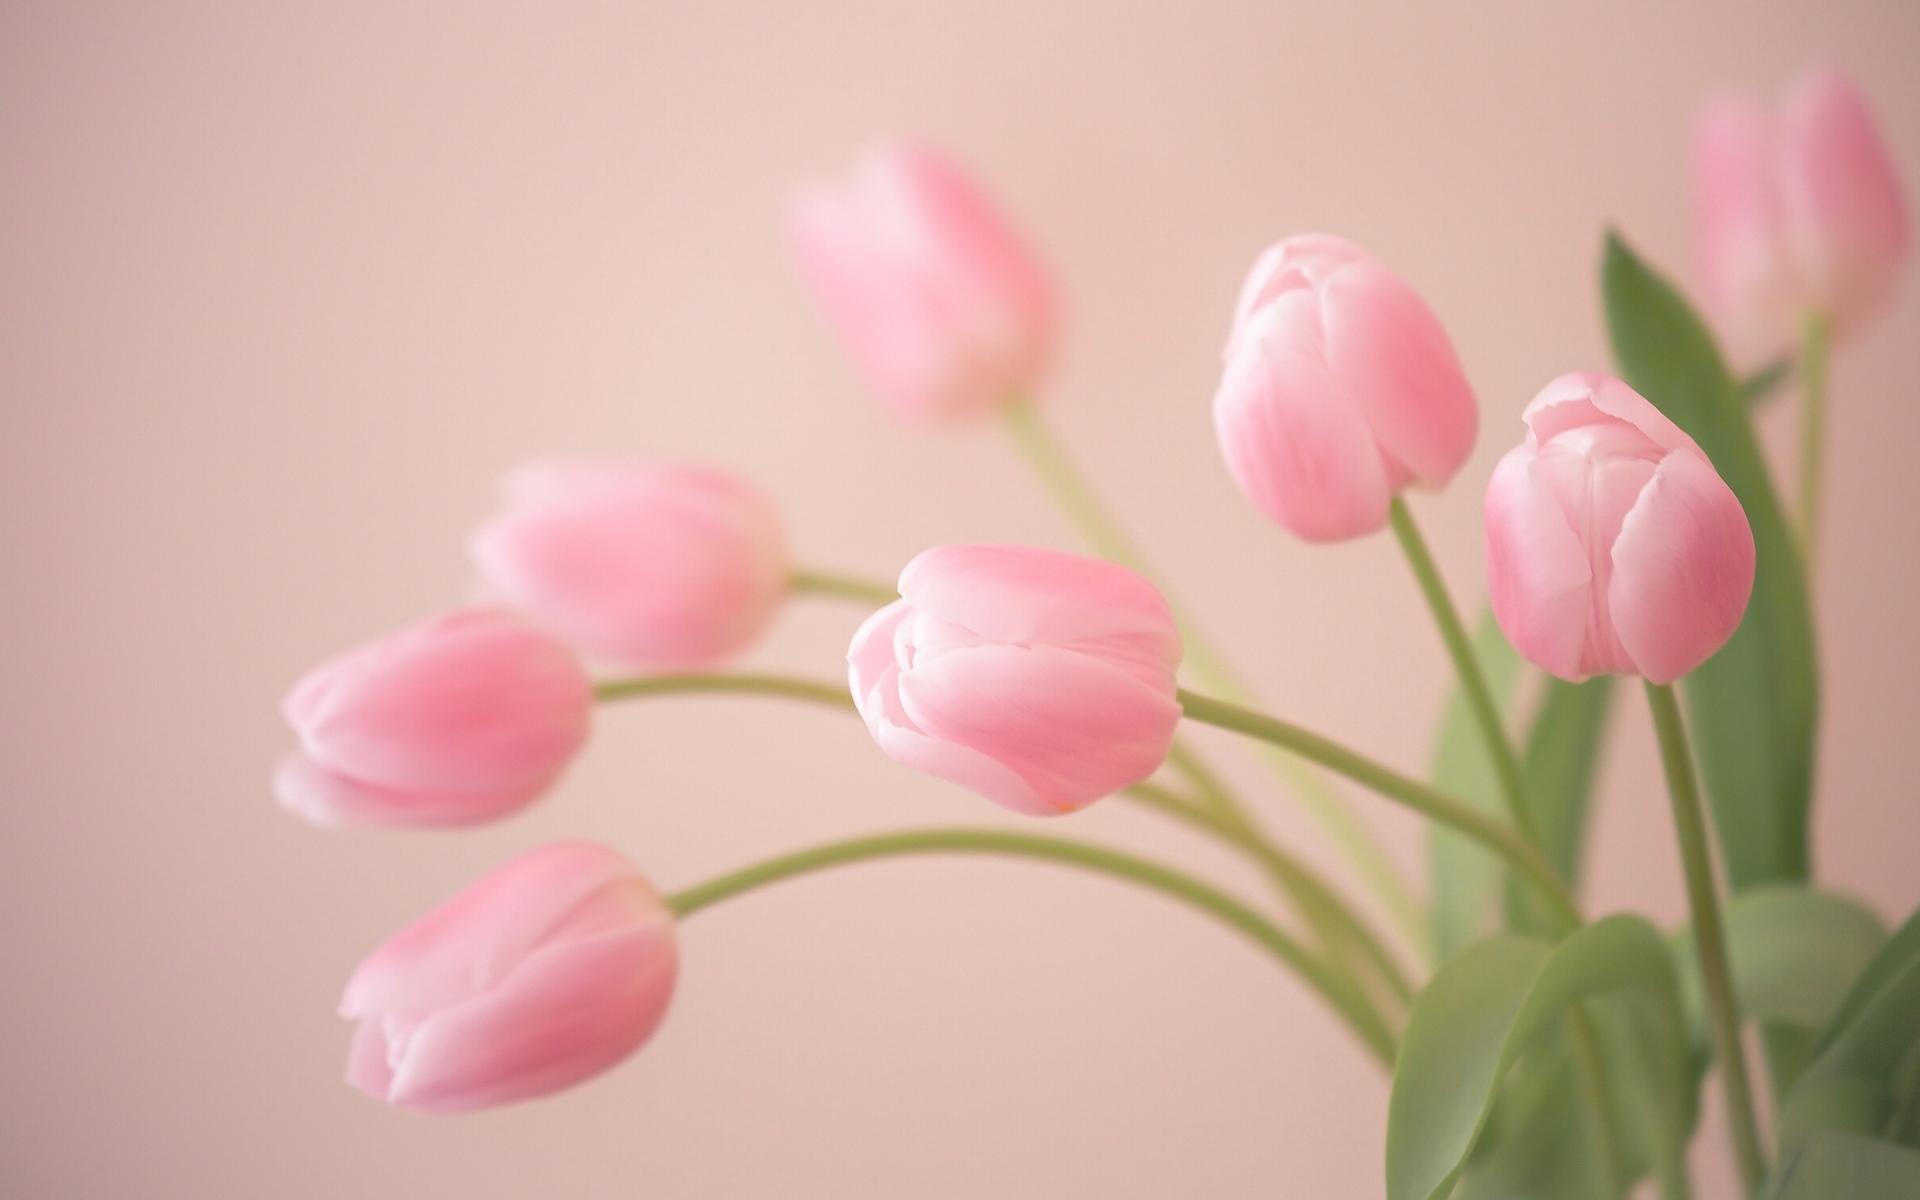 Тему открытка, открытка с розовыми тюльпанами